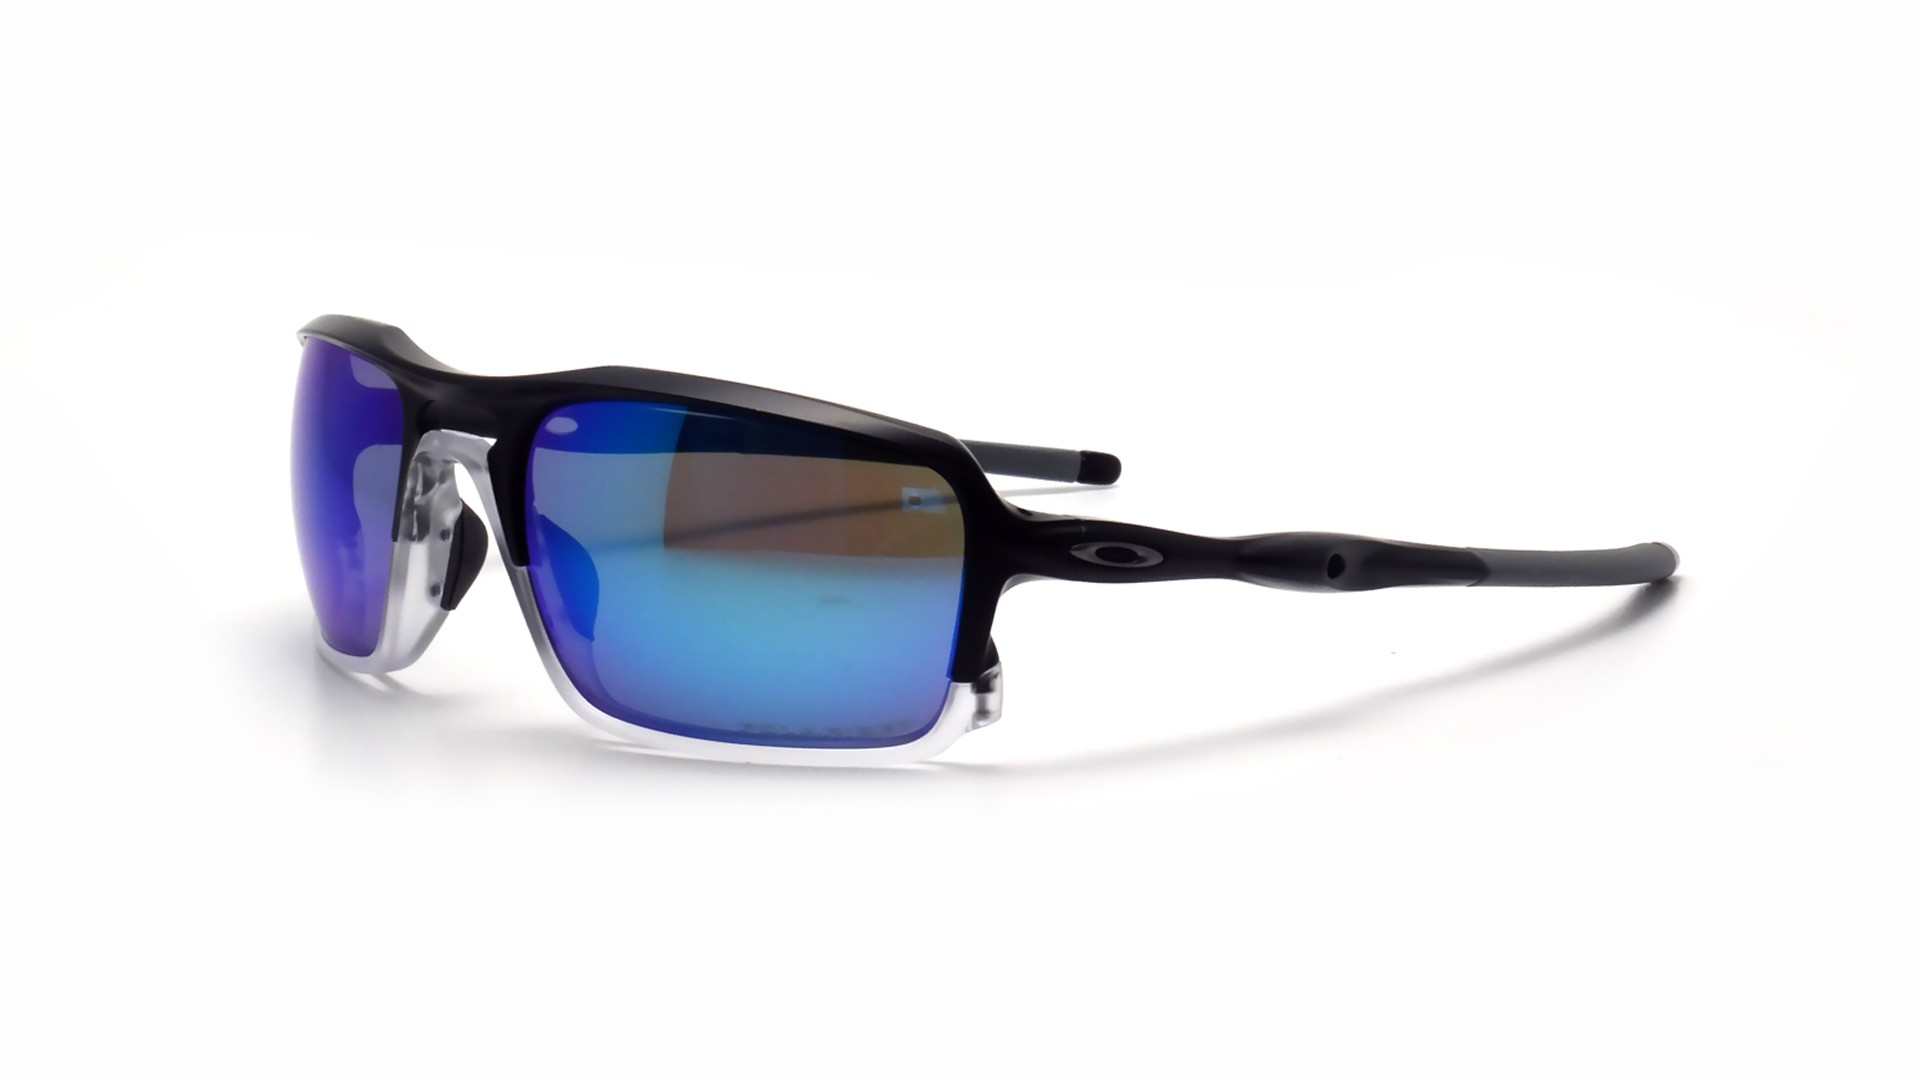 714aa2693d Oakley Triggerman Black Matte OO9266 04 59-20 Polarized